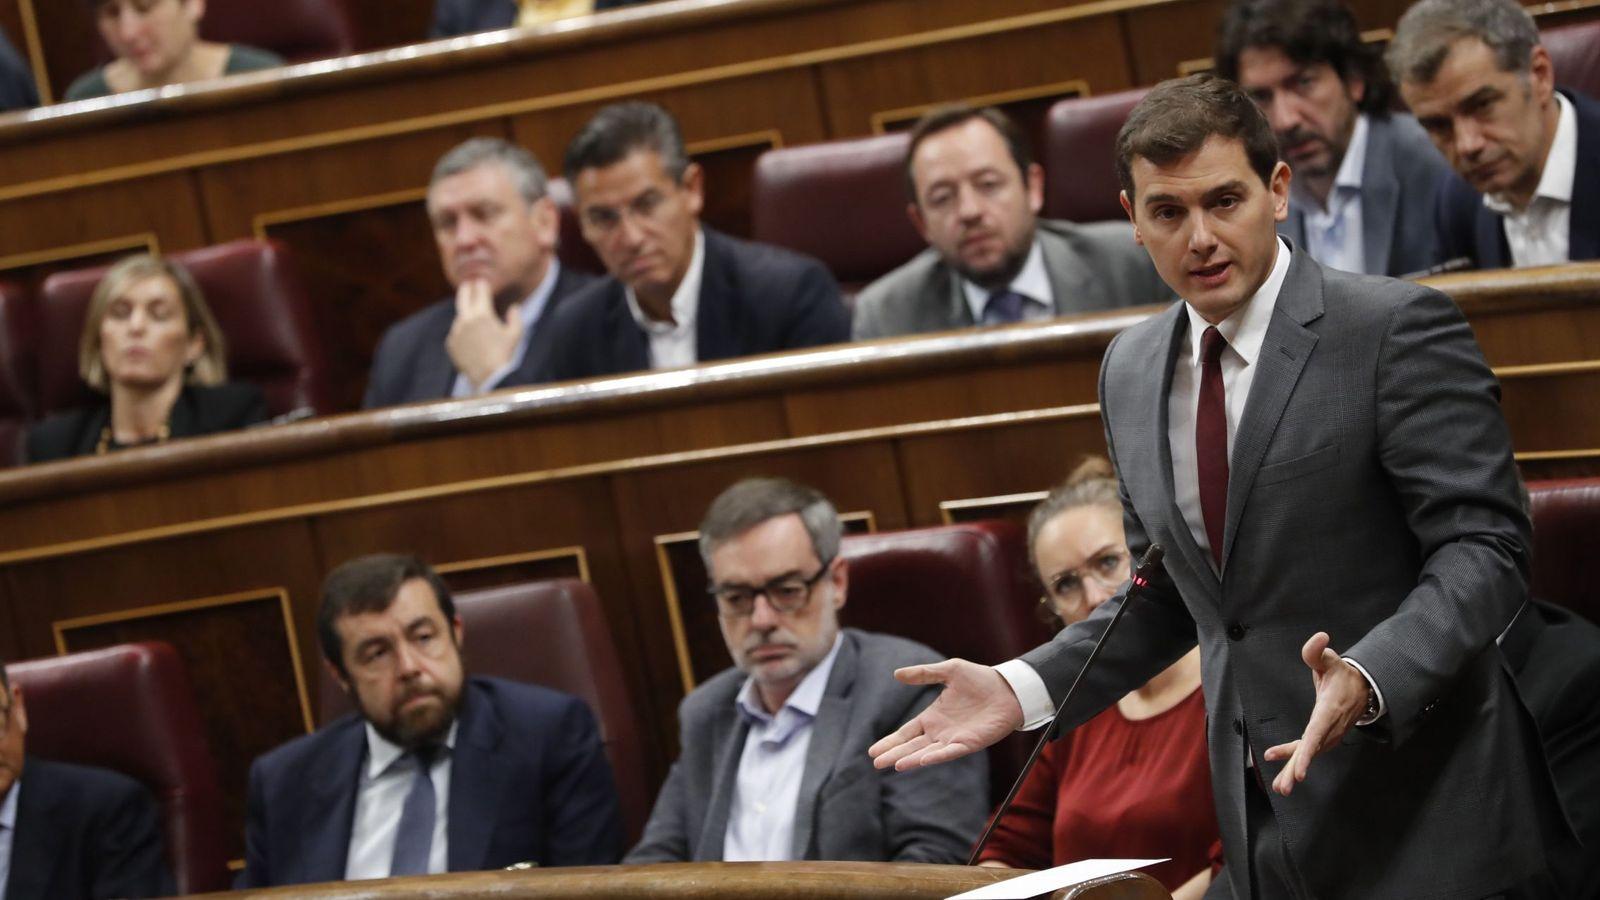 Foto: El líder de Ciudadanos, Albert Rivera, en el Congreso de los Diputados. (EFE)